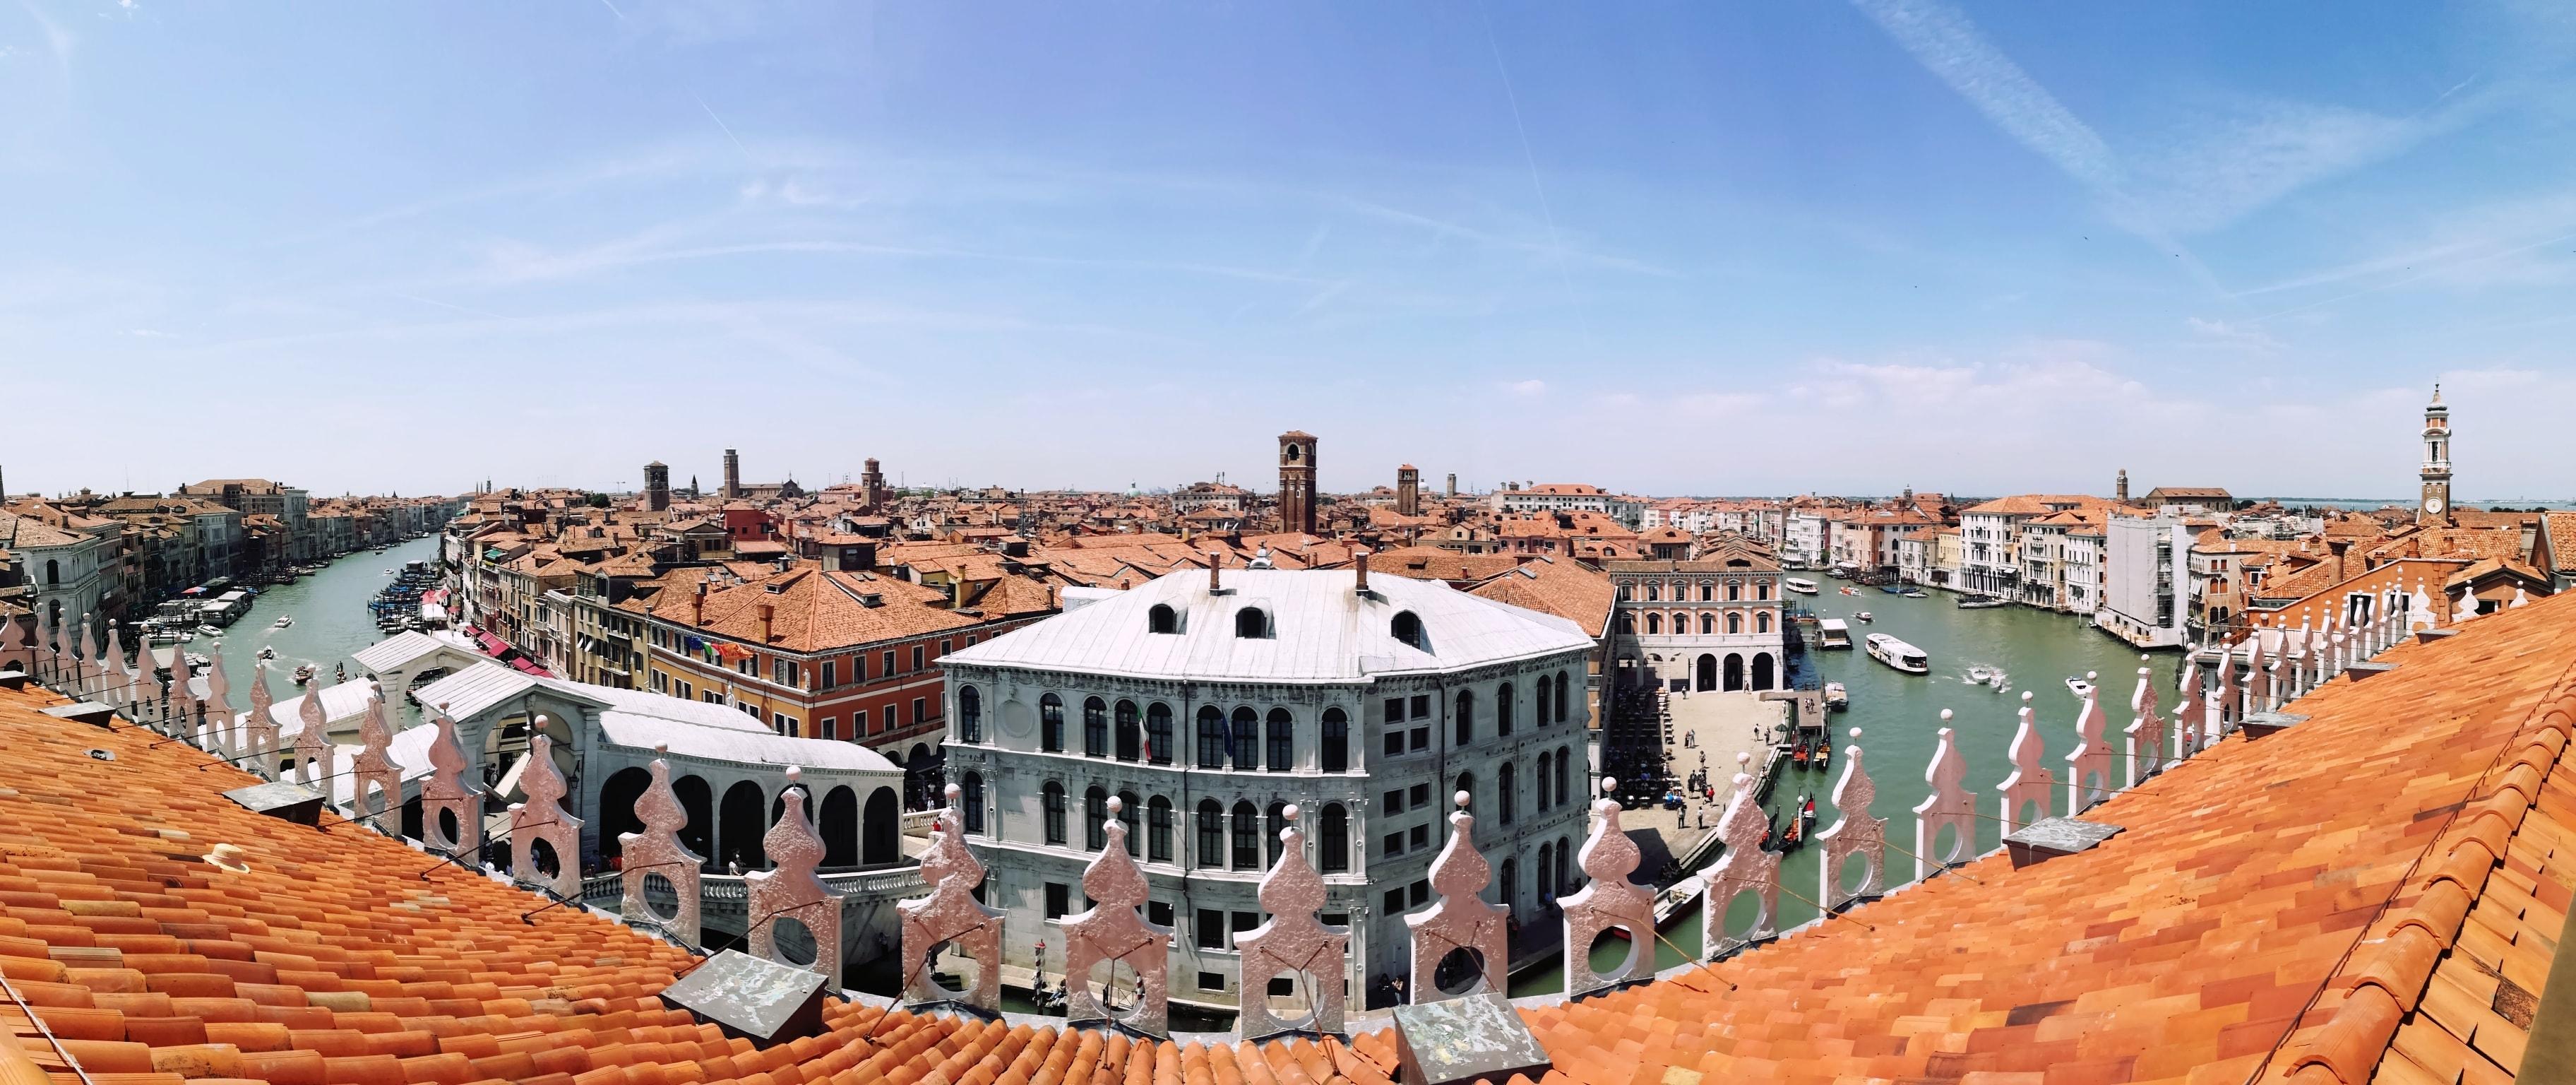 Meeting Venice Visita Alla Terrazza Del Fondaco Dei Tedeschi